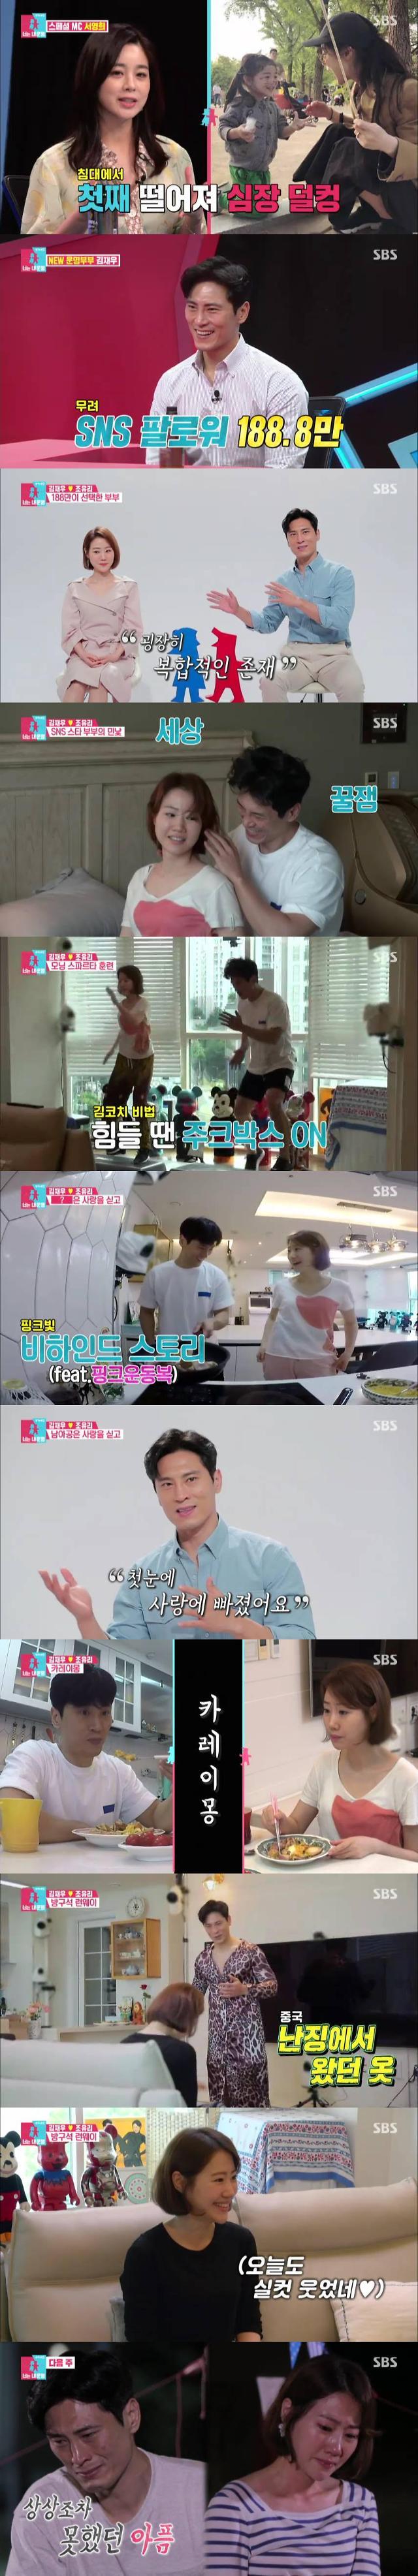 [최고의 1분] 너는 내 운명' 김재우♥조유리 전원주택 이사전쟁 동시간대 1위